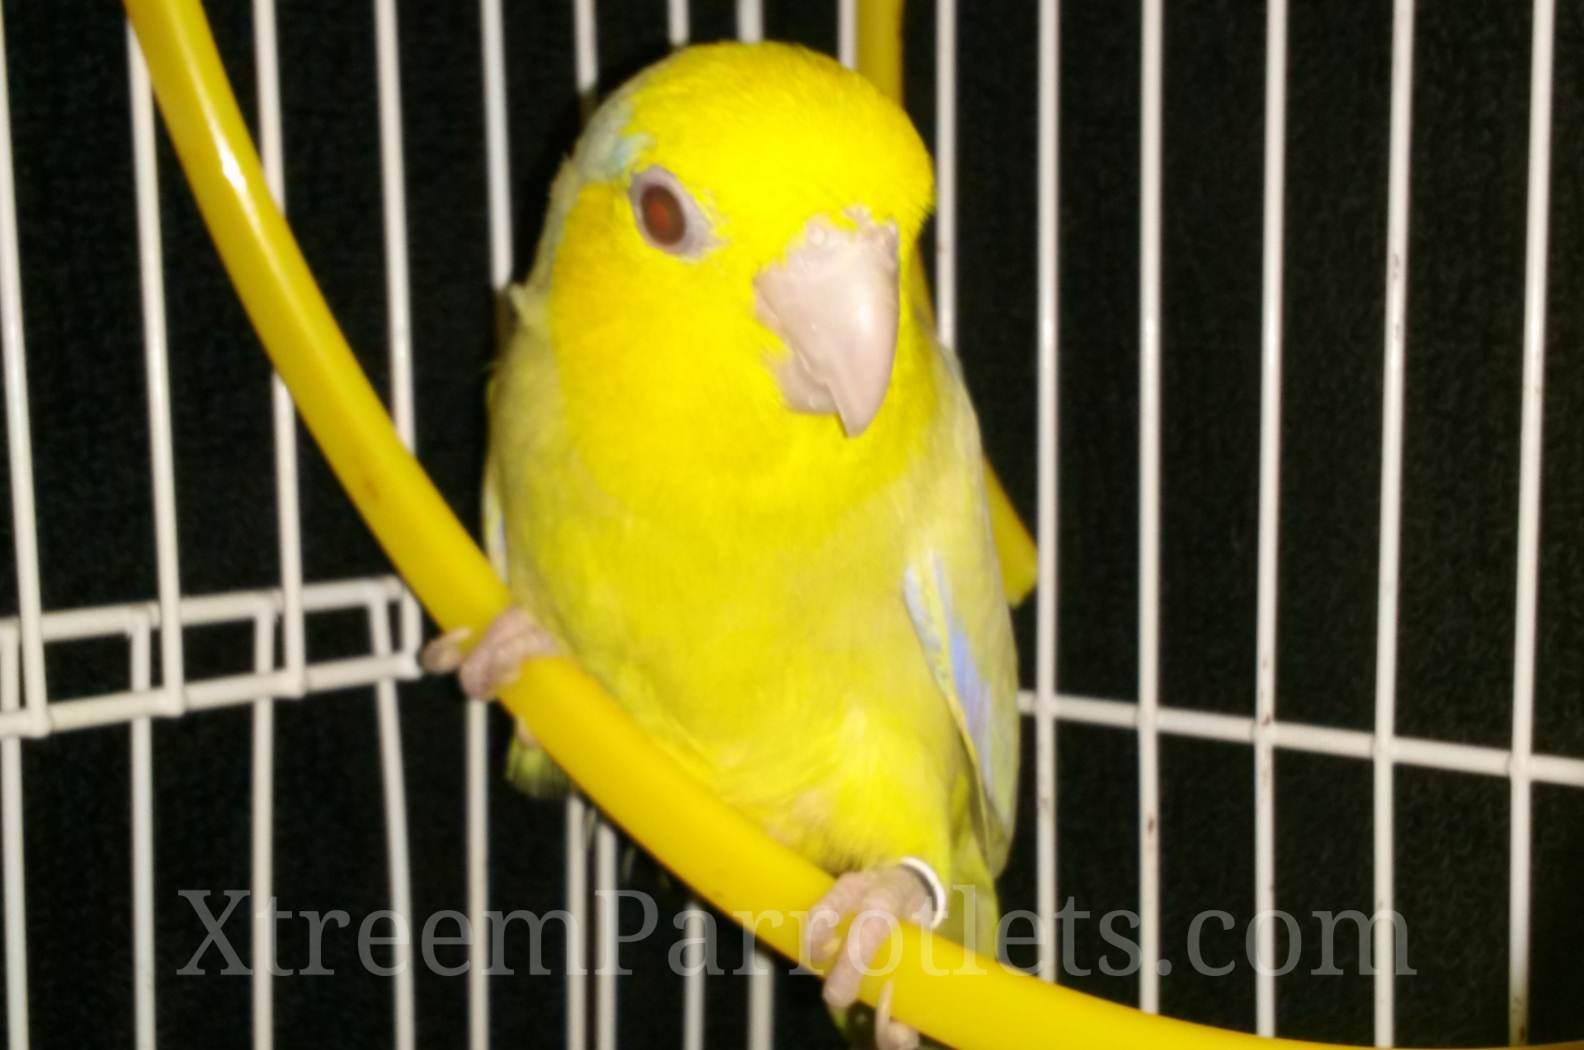 yellow-fallow-parrotlet-bird